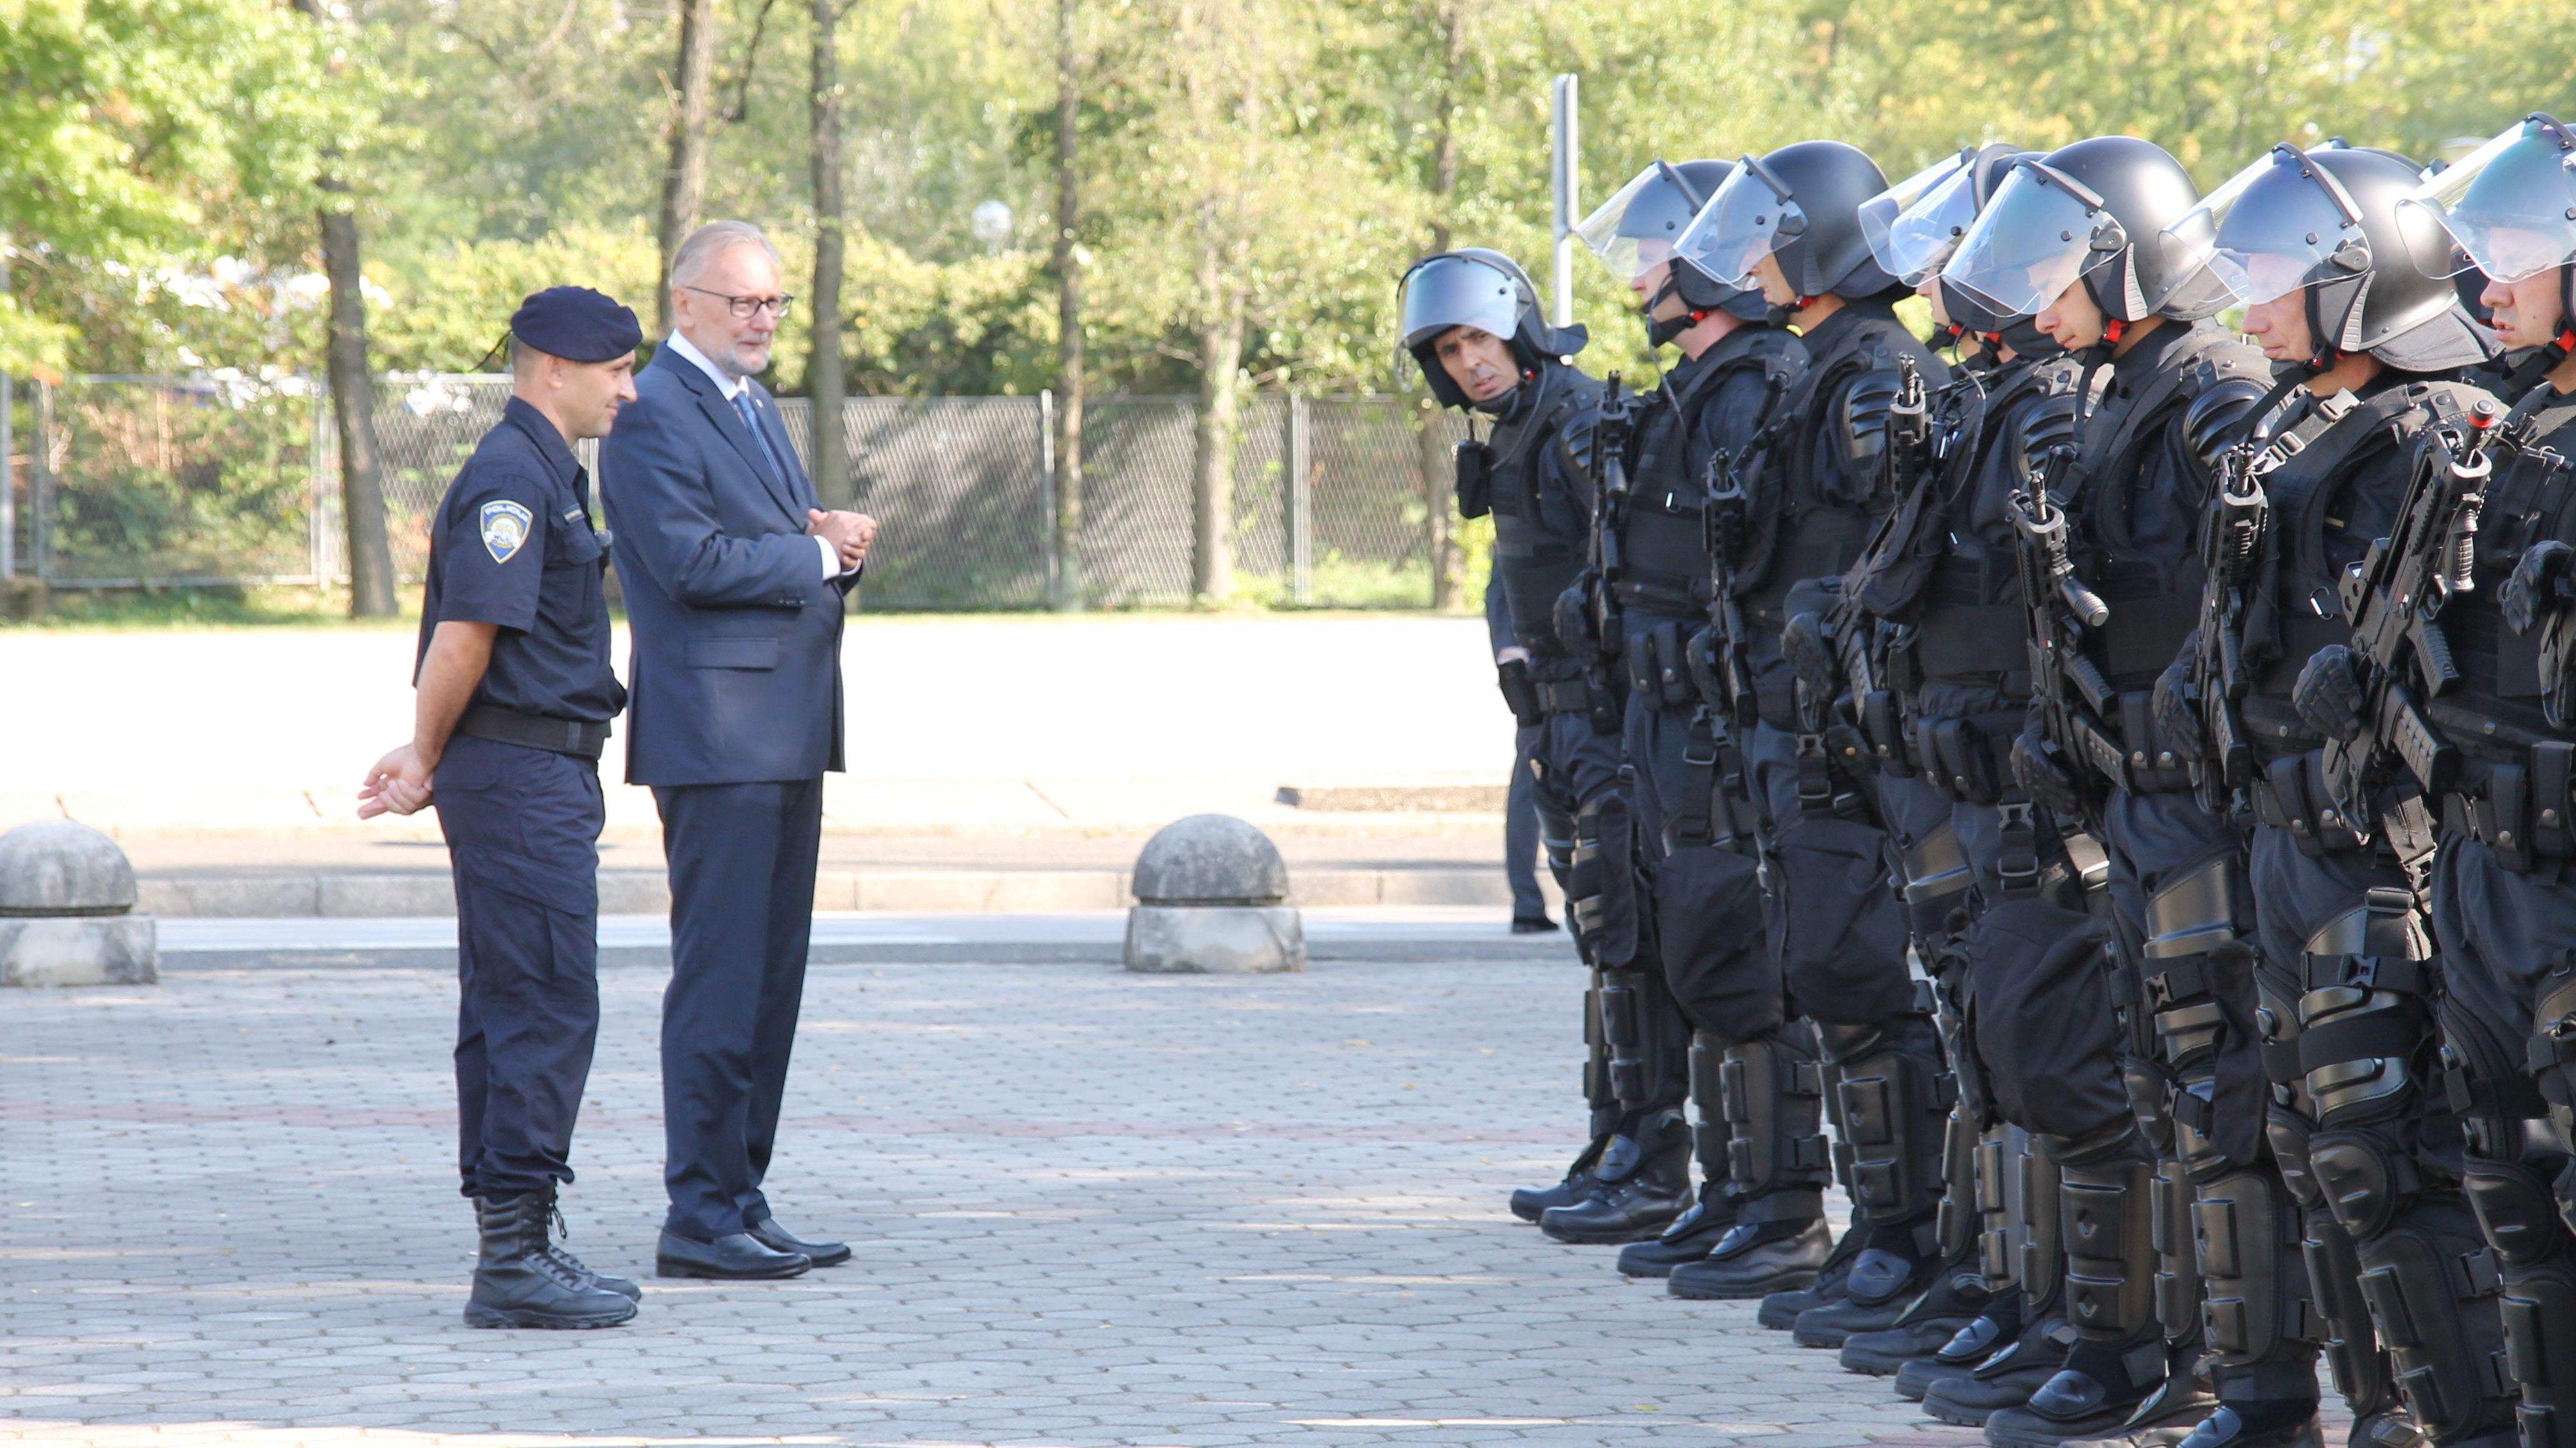 Božinović: Policija jača kapacitete kako bi se što učinkovitije borila protiv ilegalnih migracija